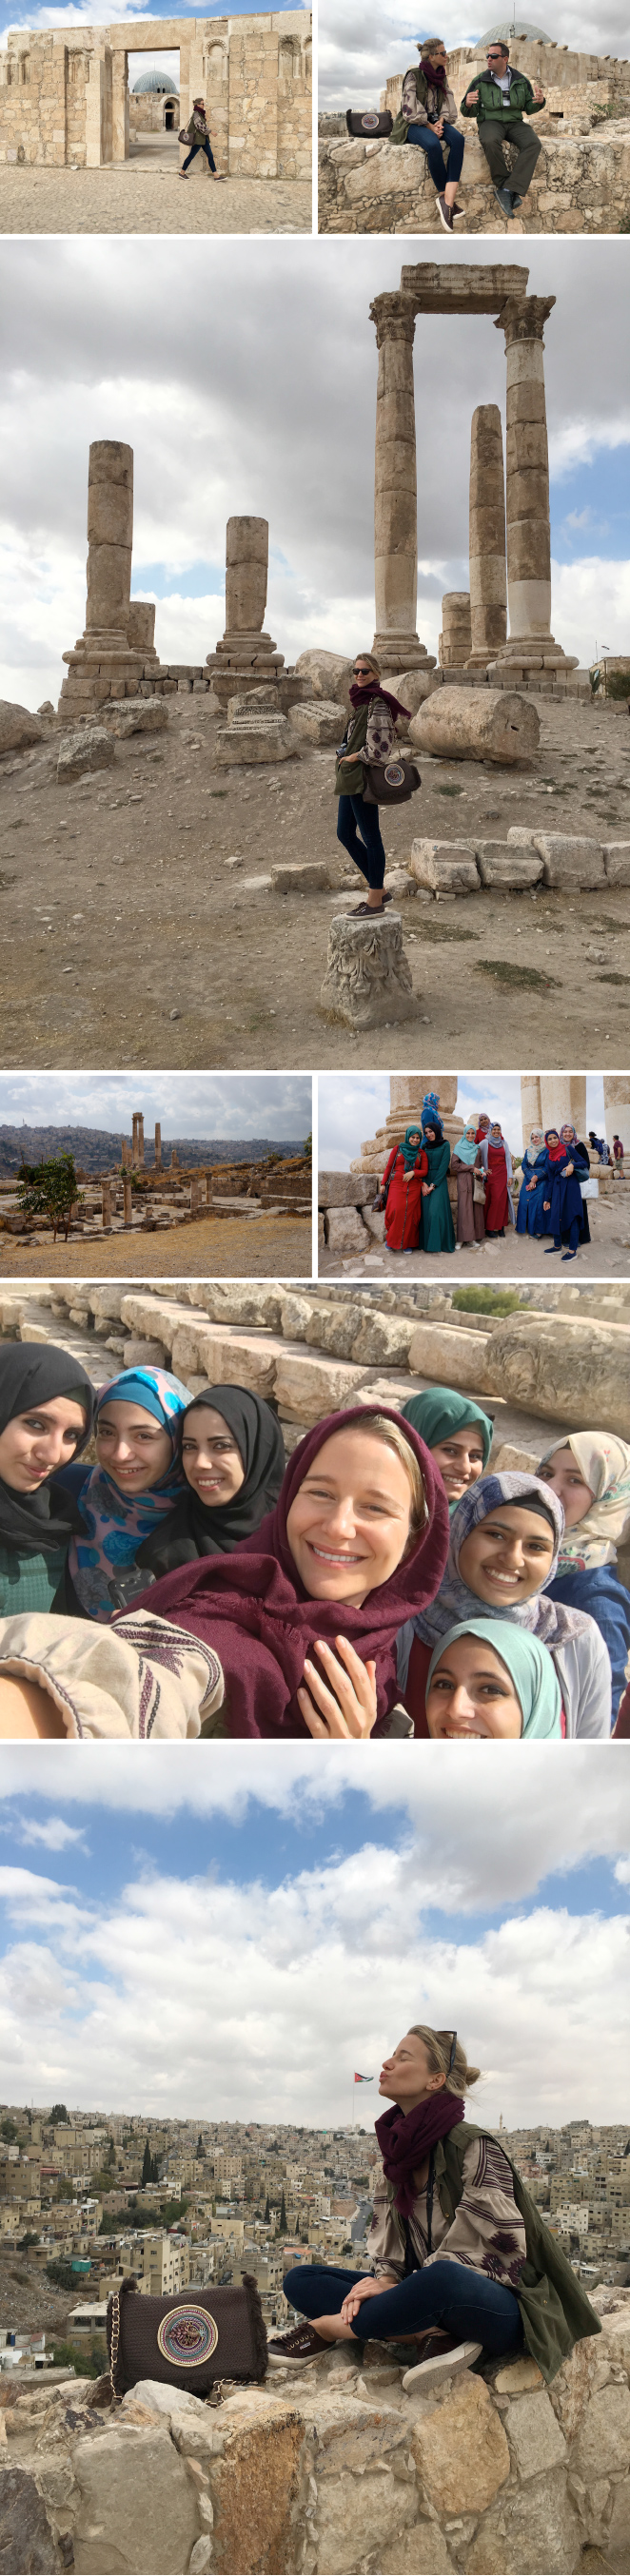 La ciudadela, Jordania